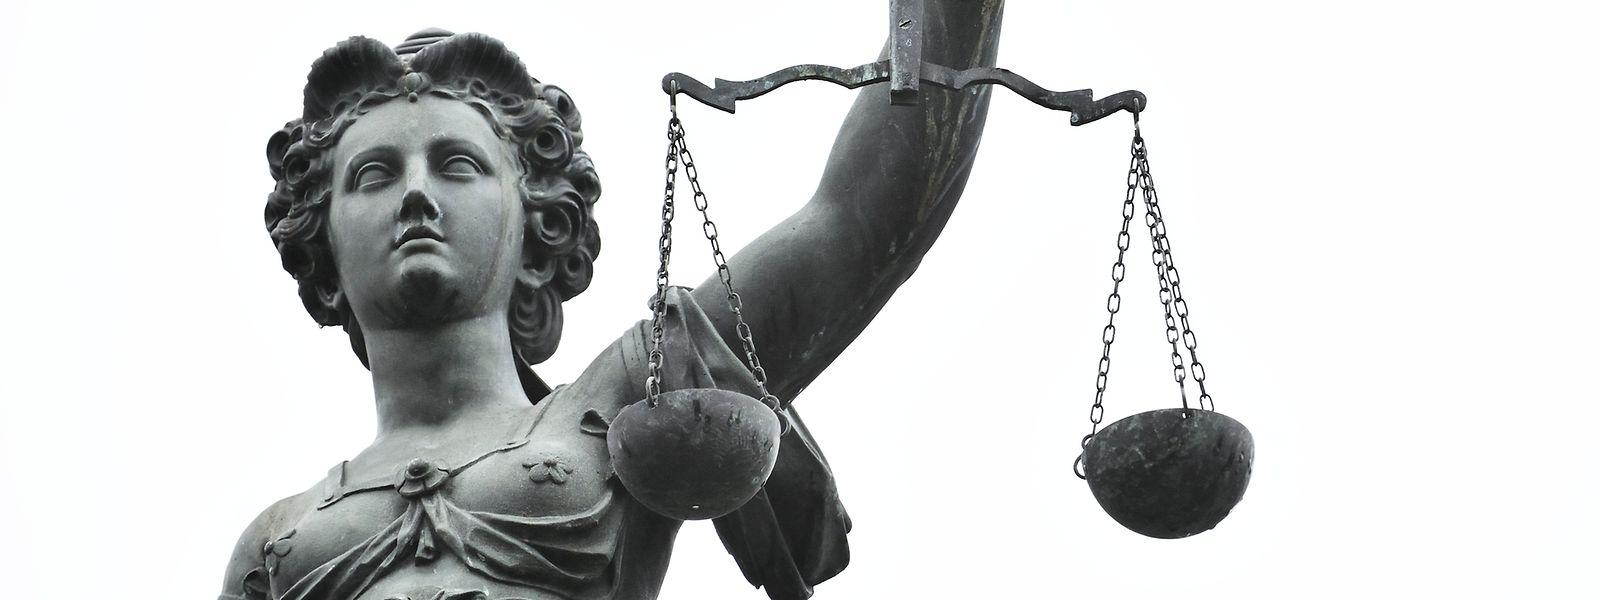 Der Prozess vor dem Landgericht Saarbrücken ist auf insgesamt drei Verhandlungstage angesetzt.